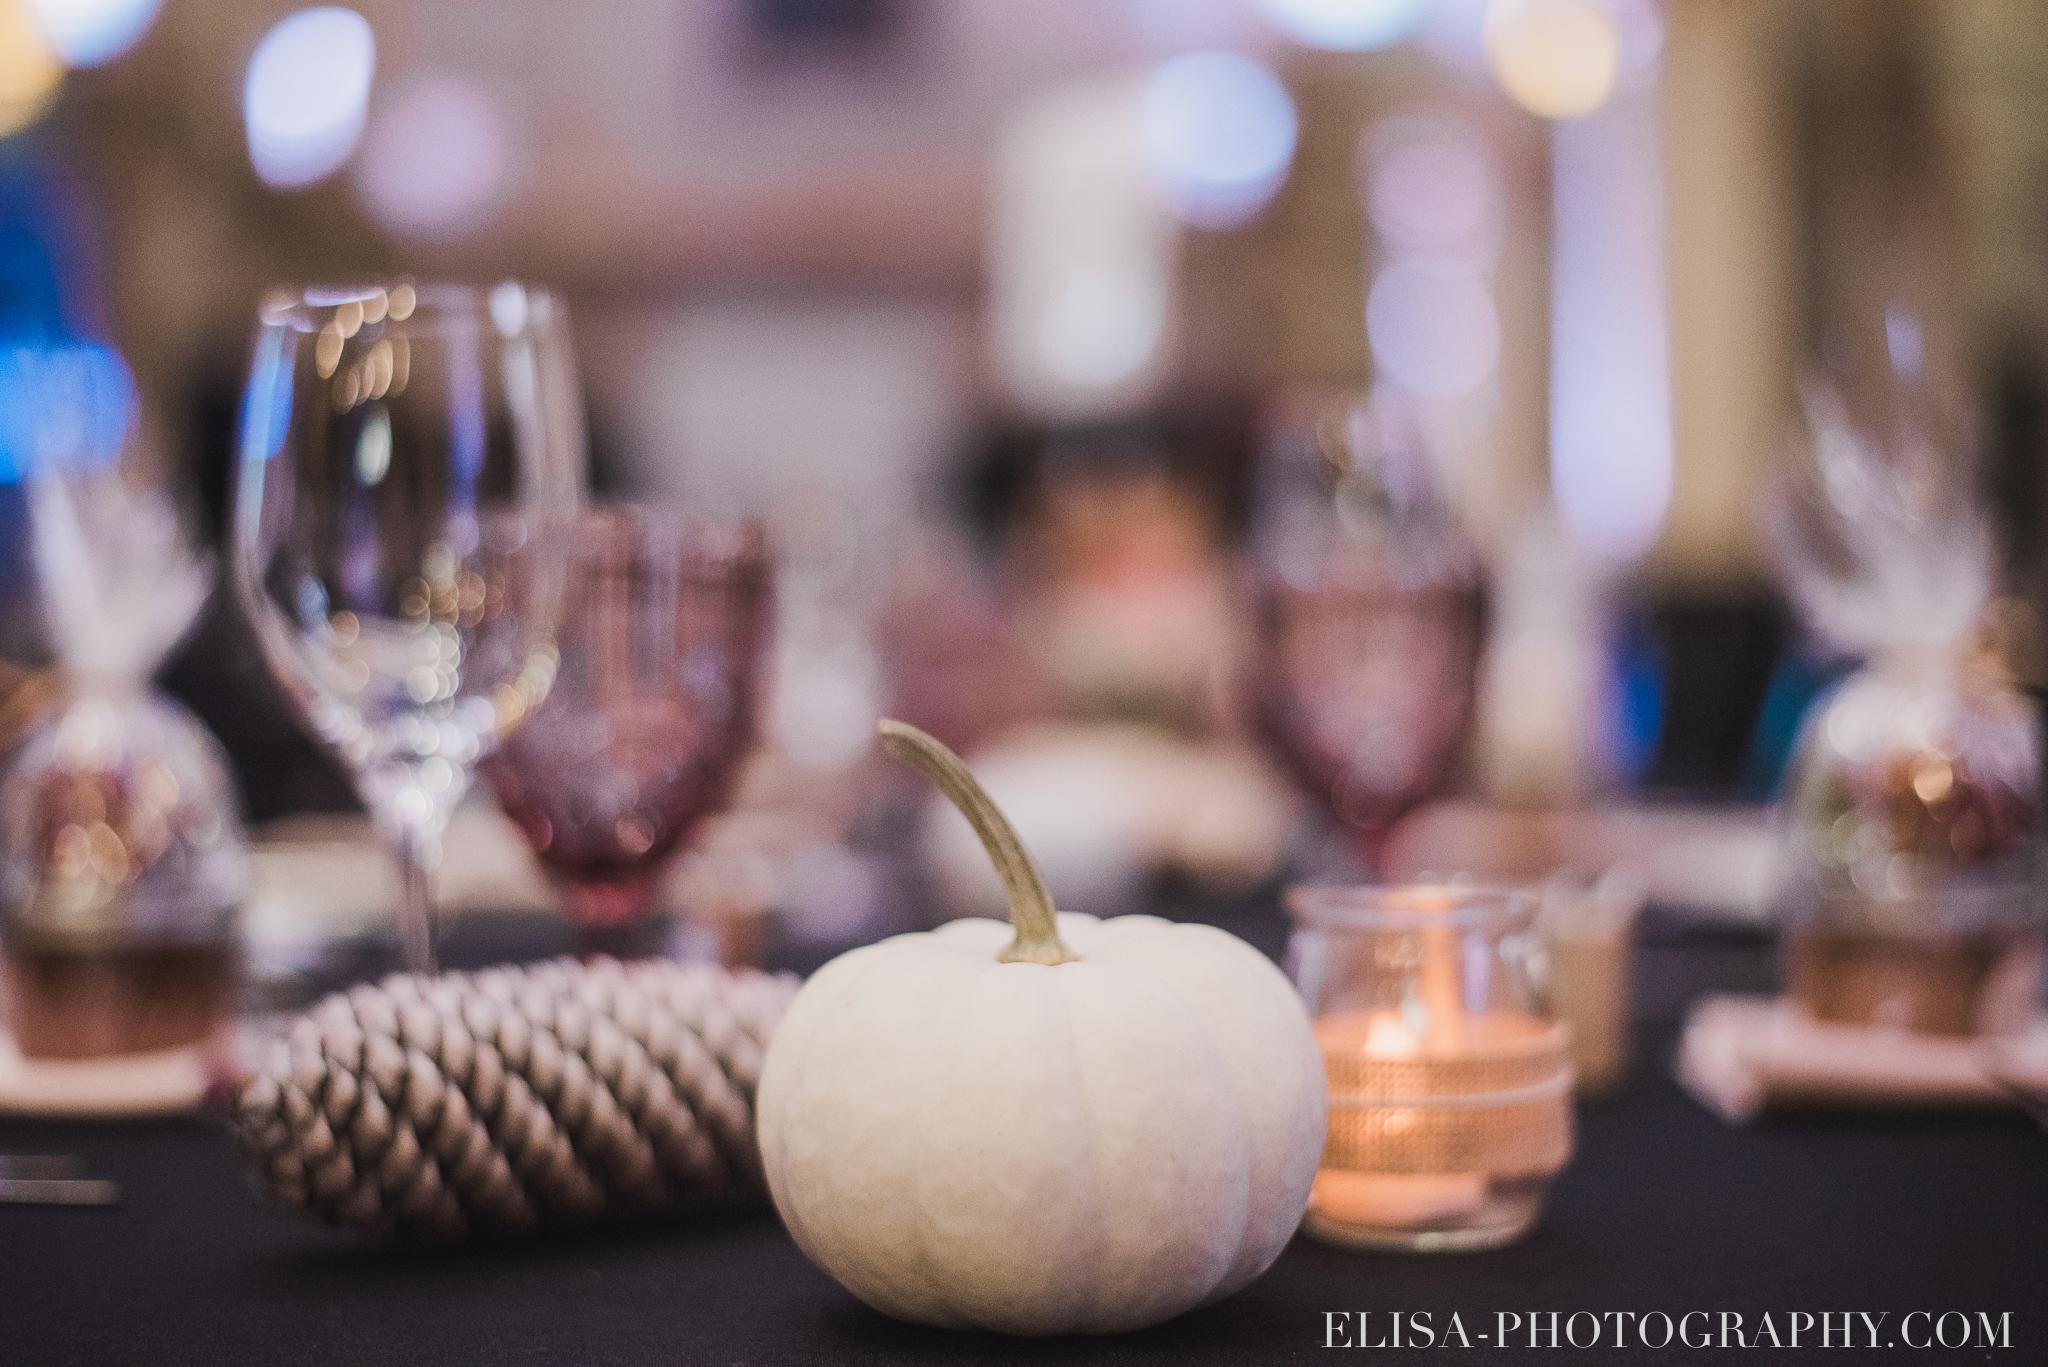 photo mariage automne espace saint gregoire automne quebec gateau citrouille 6305 - Mariage à saveur automnale à l'Espace Saint-Grégoire